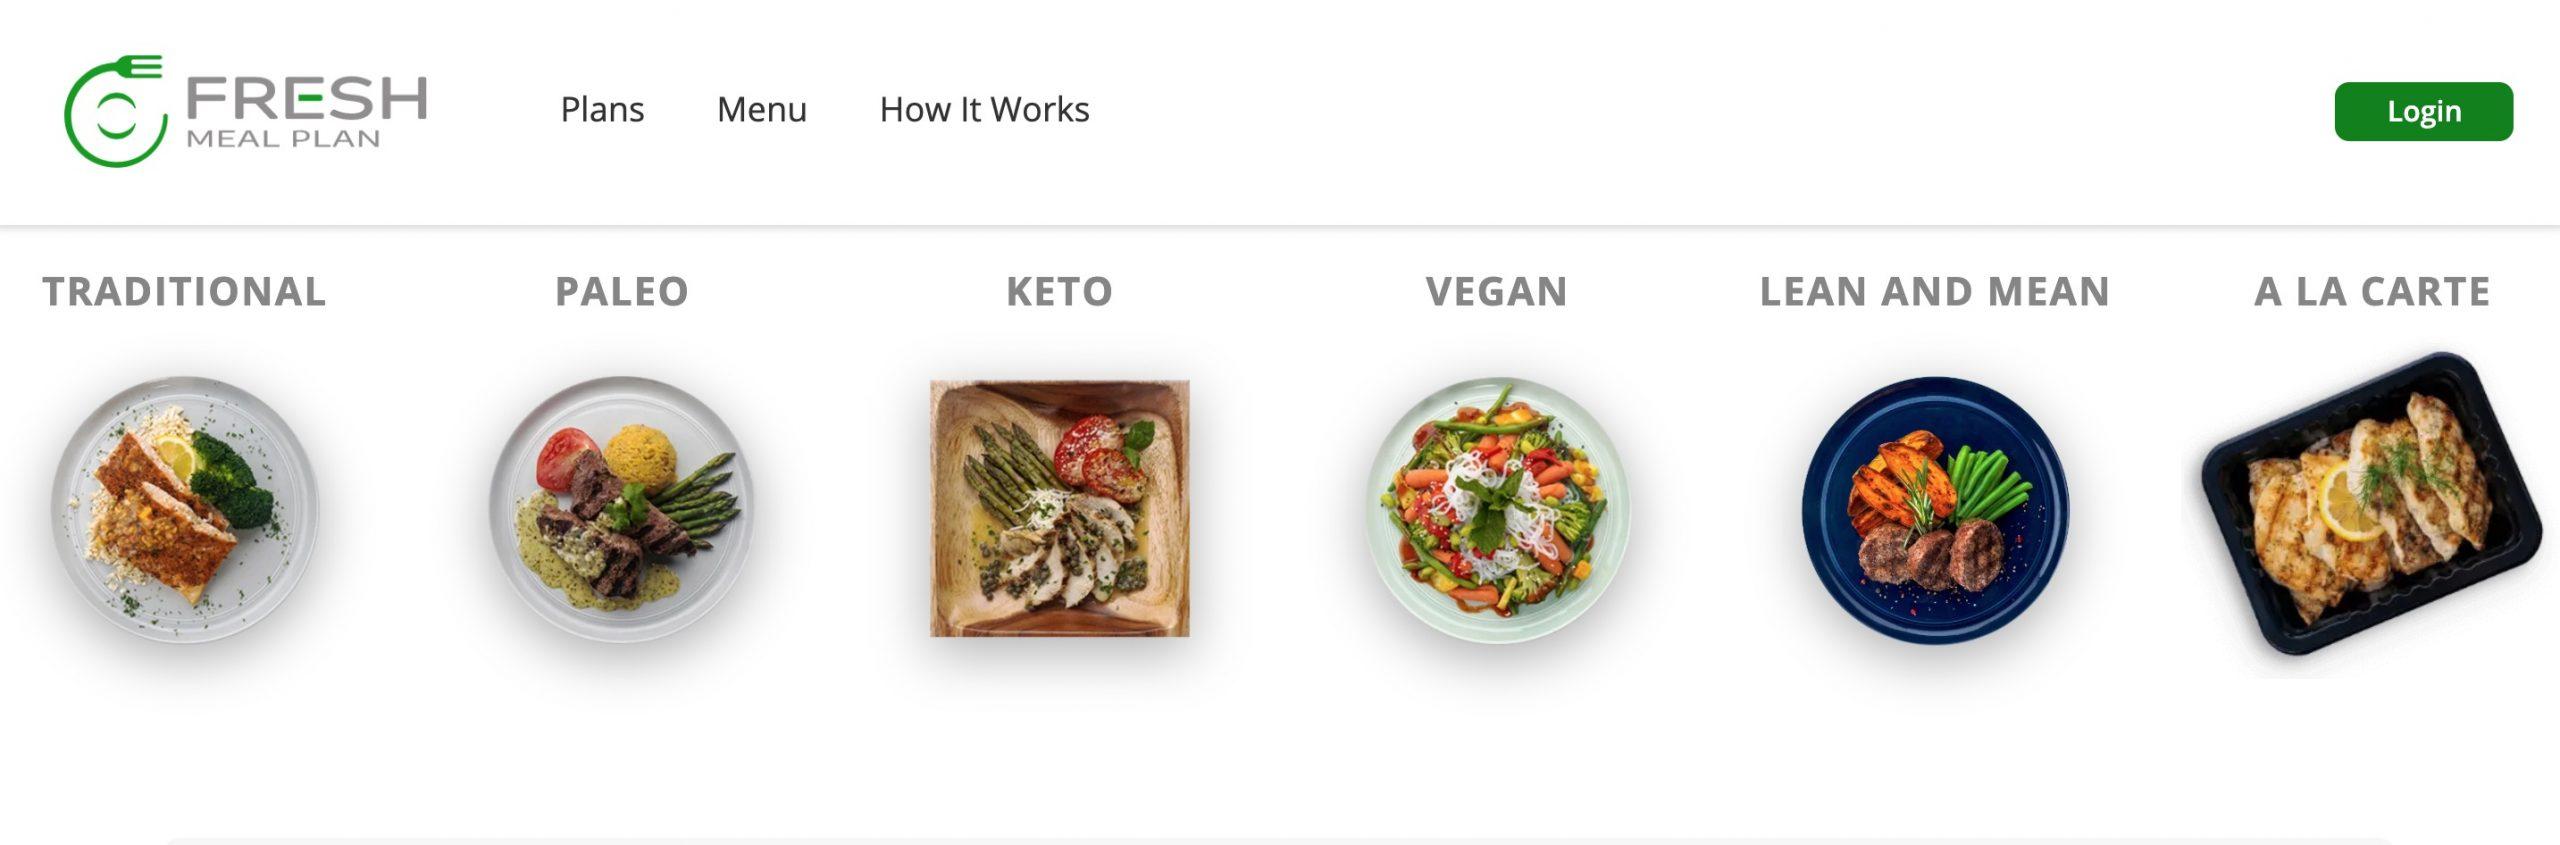 fresh meal plan menu